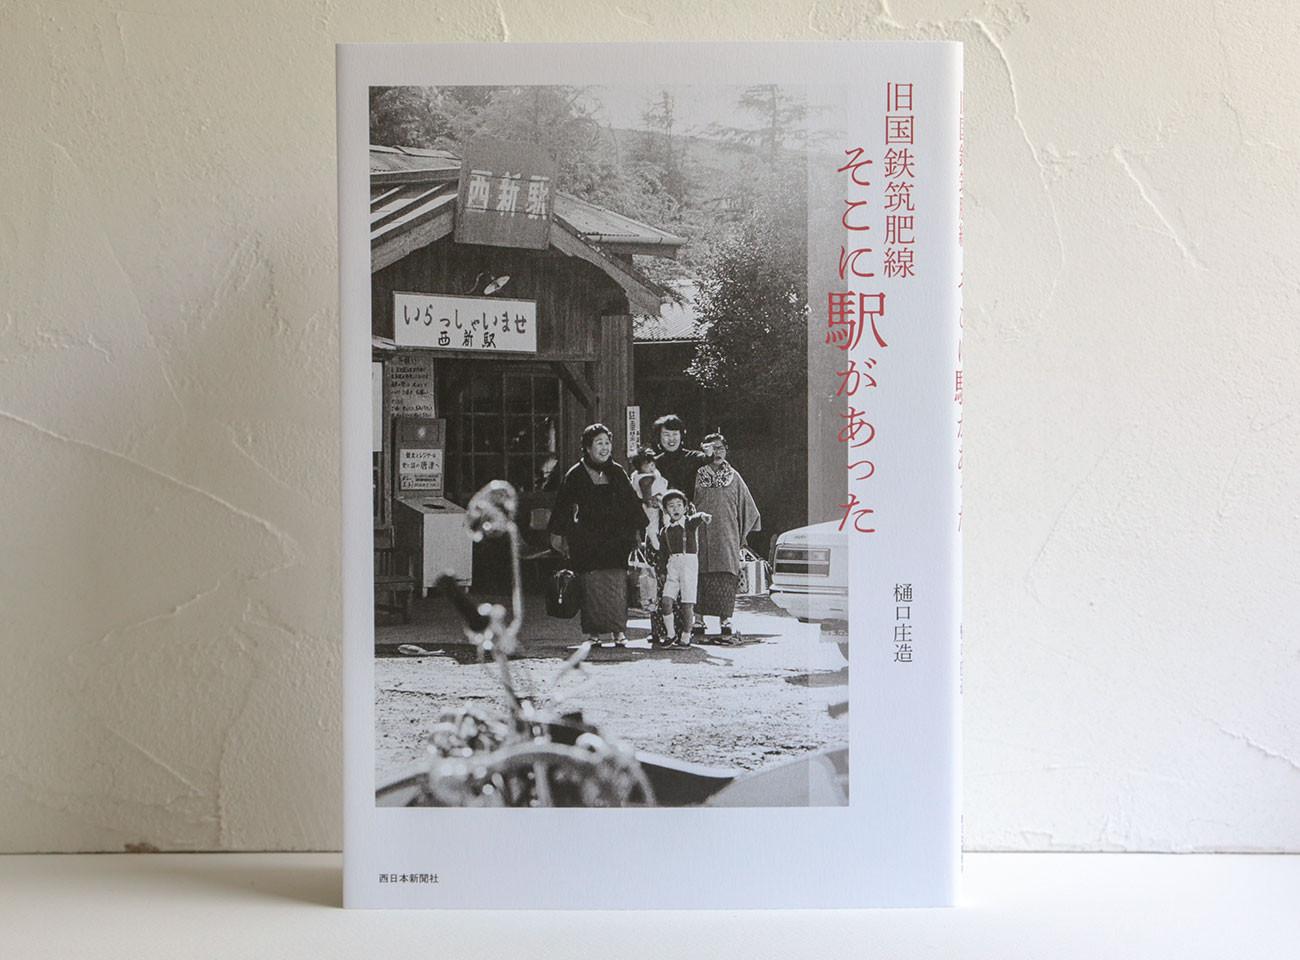 2015_SokoniEkiga_IMG_1698.jpg